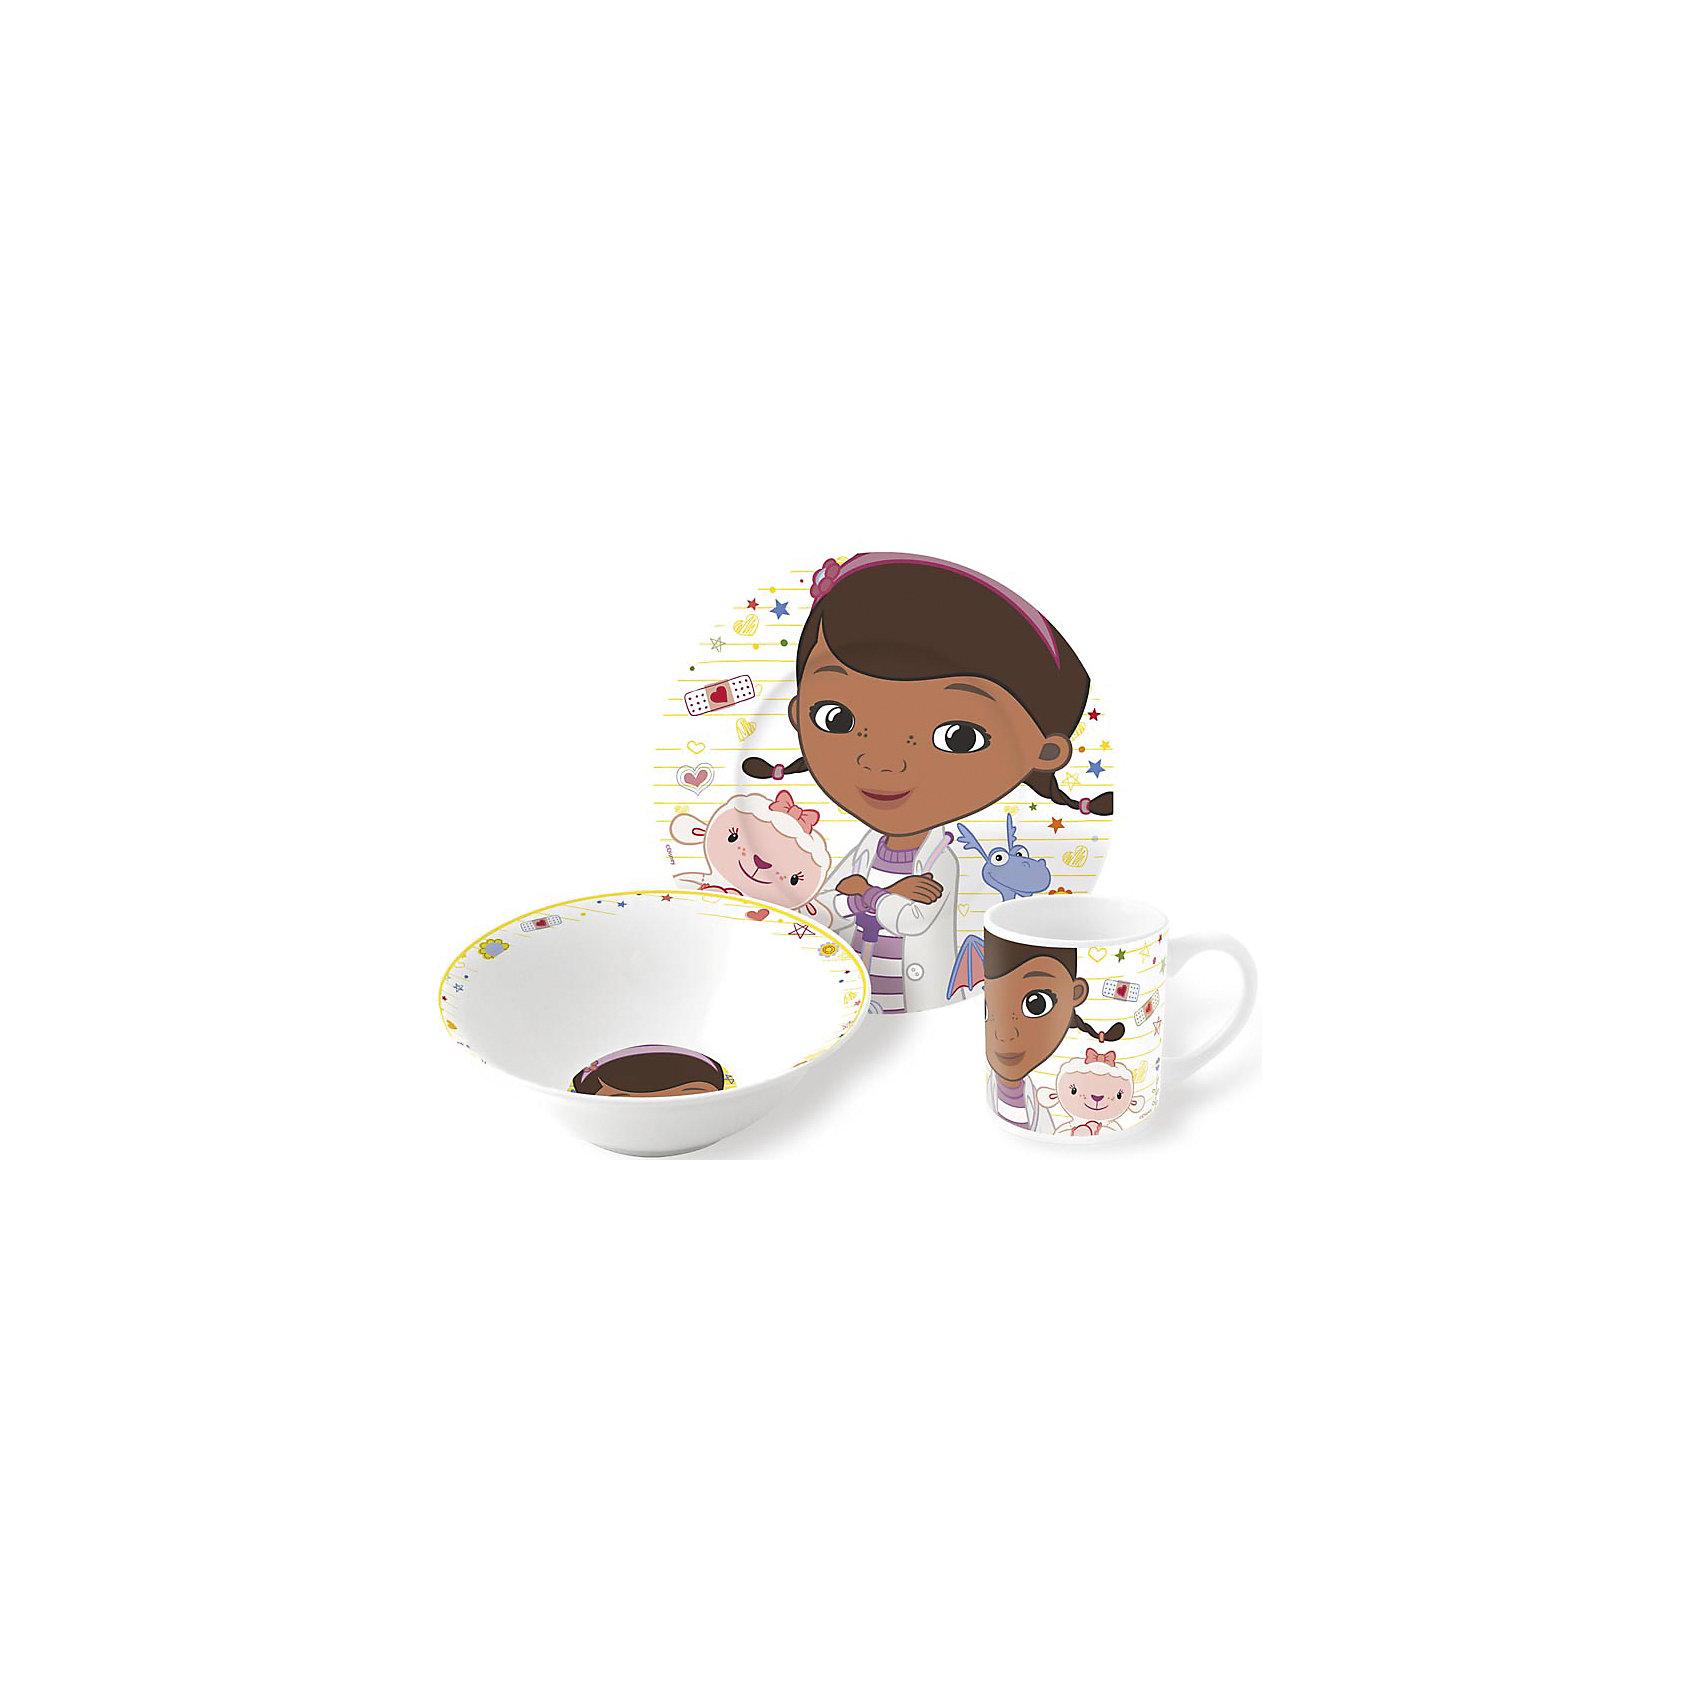 МФК-профит Набор керамической посуды Доктор Плюшева (3 предмета) новый диск набор посуды штурмовик 3 предмета